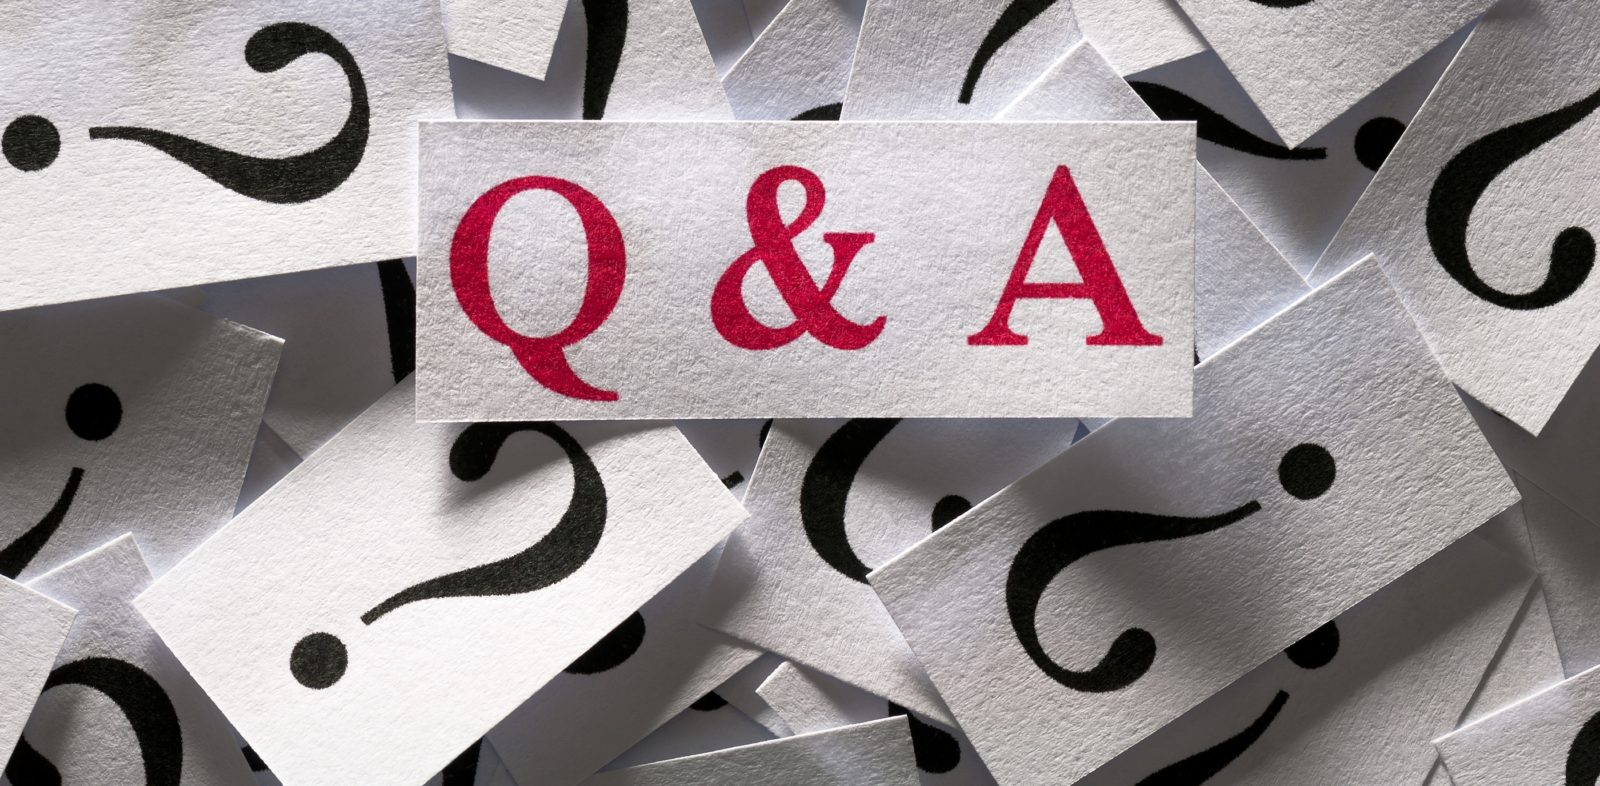 millerpack csomagolóanyag blog, kérdések és válaszok, gyik, akciós csomag, papírdoboz, hullámkarton doboz